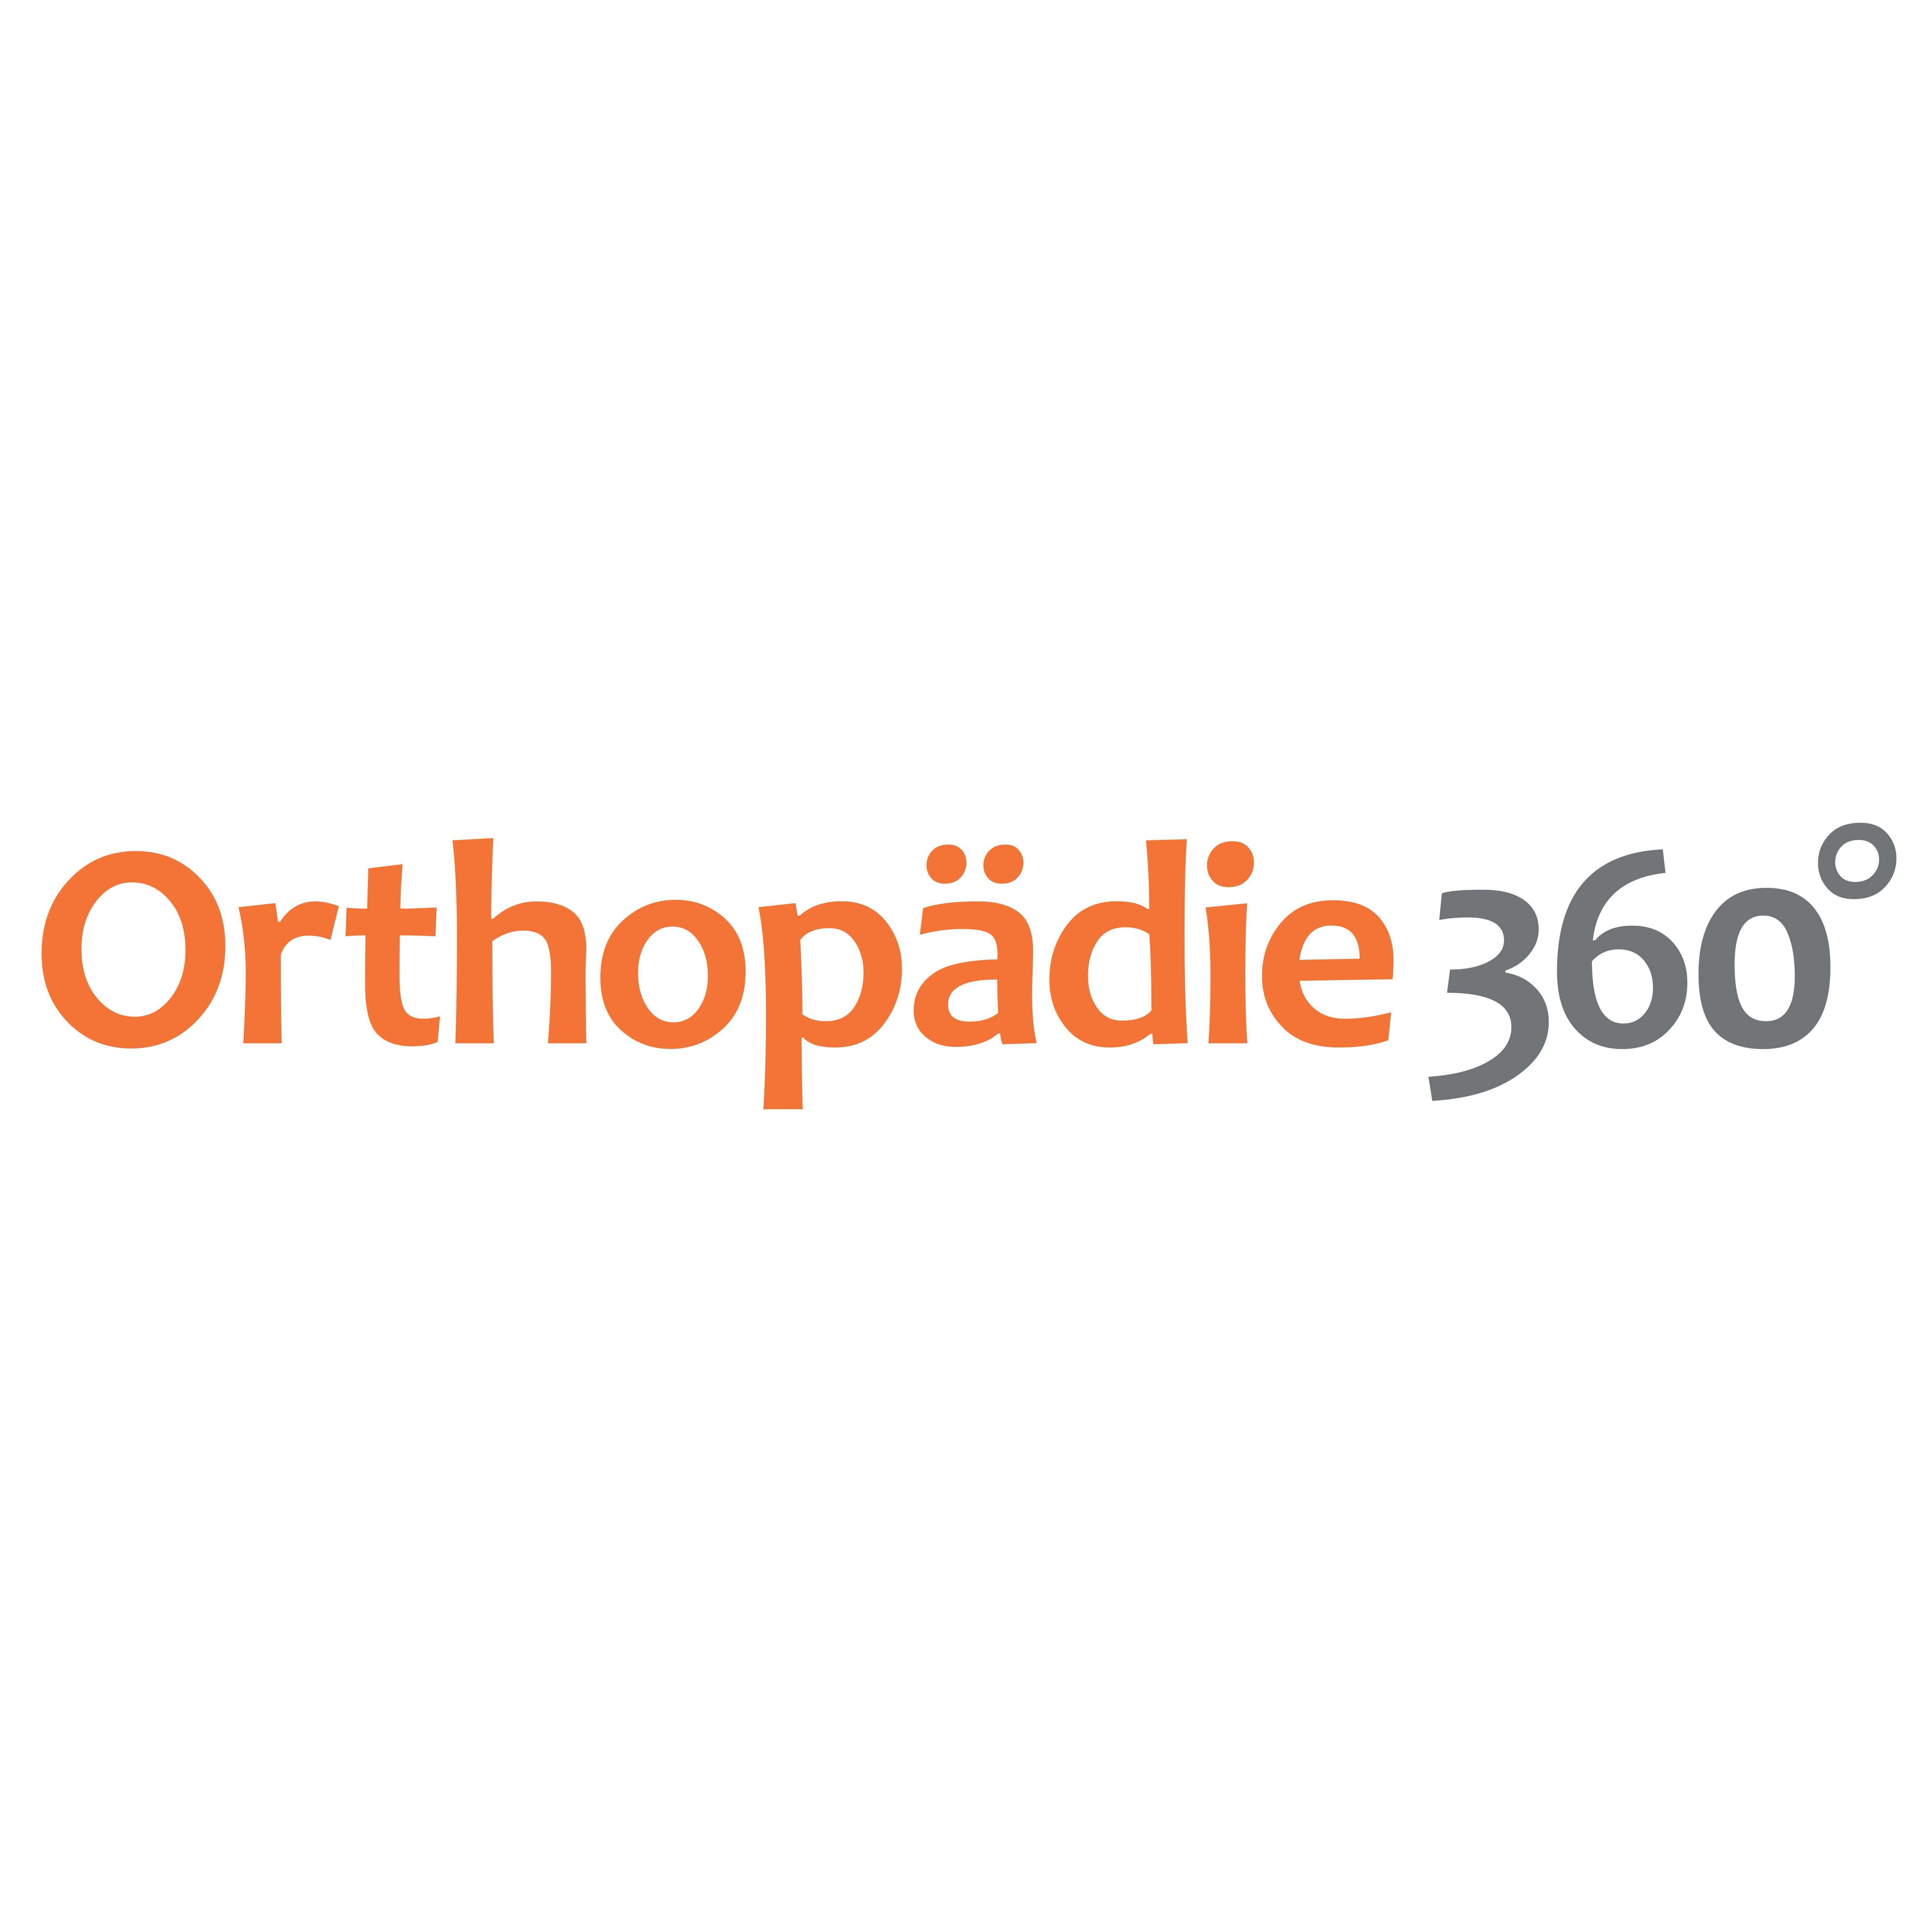 Bild zu Orthopädie 360° - Praxis für Orthopädie in Ratingen (Am Sandbach) in Ratingen